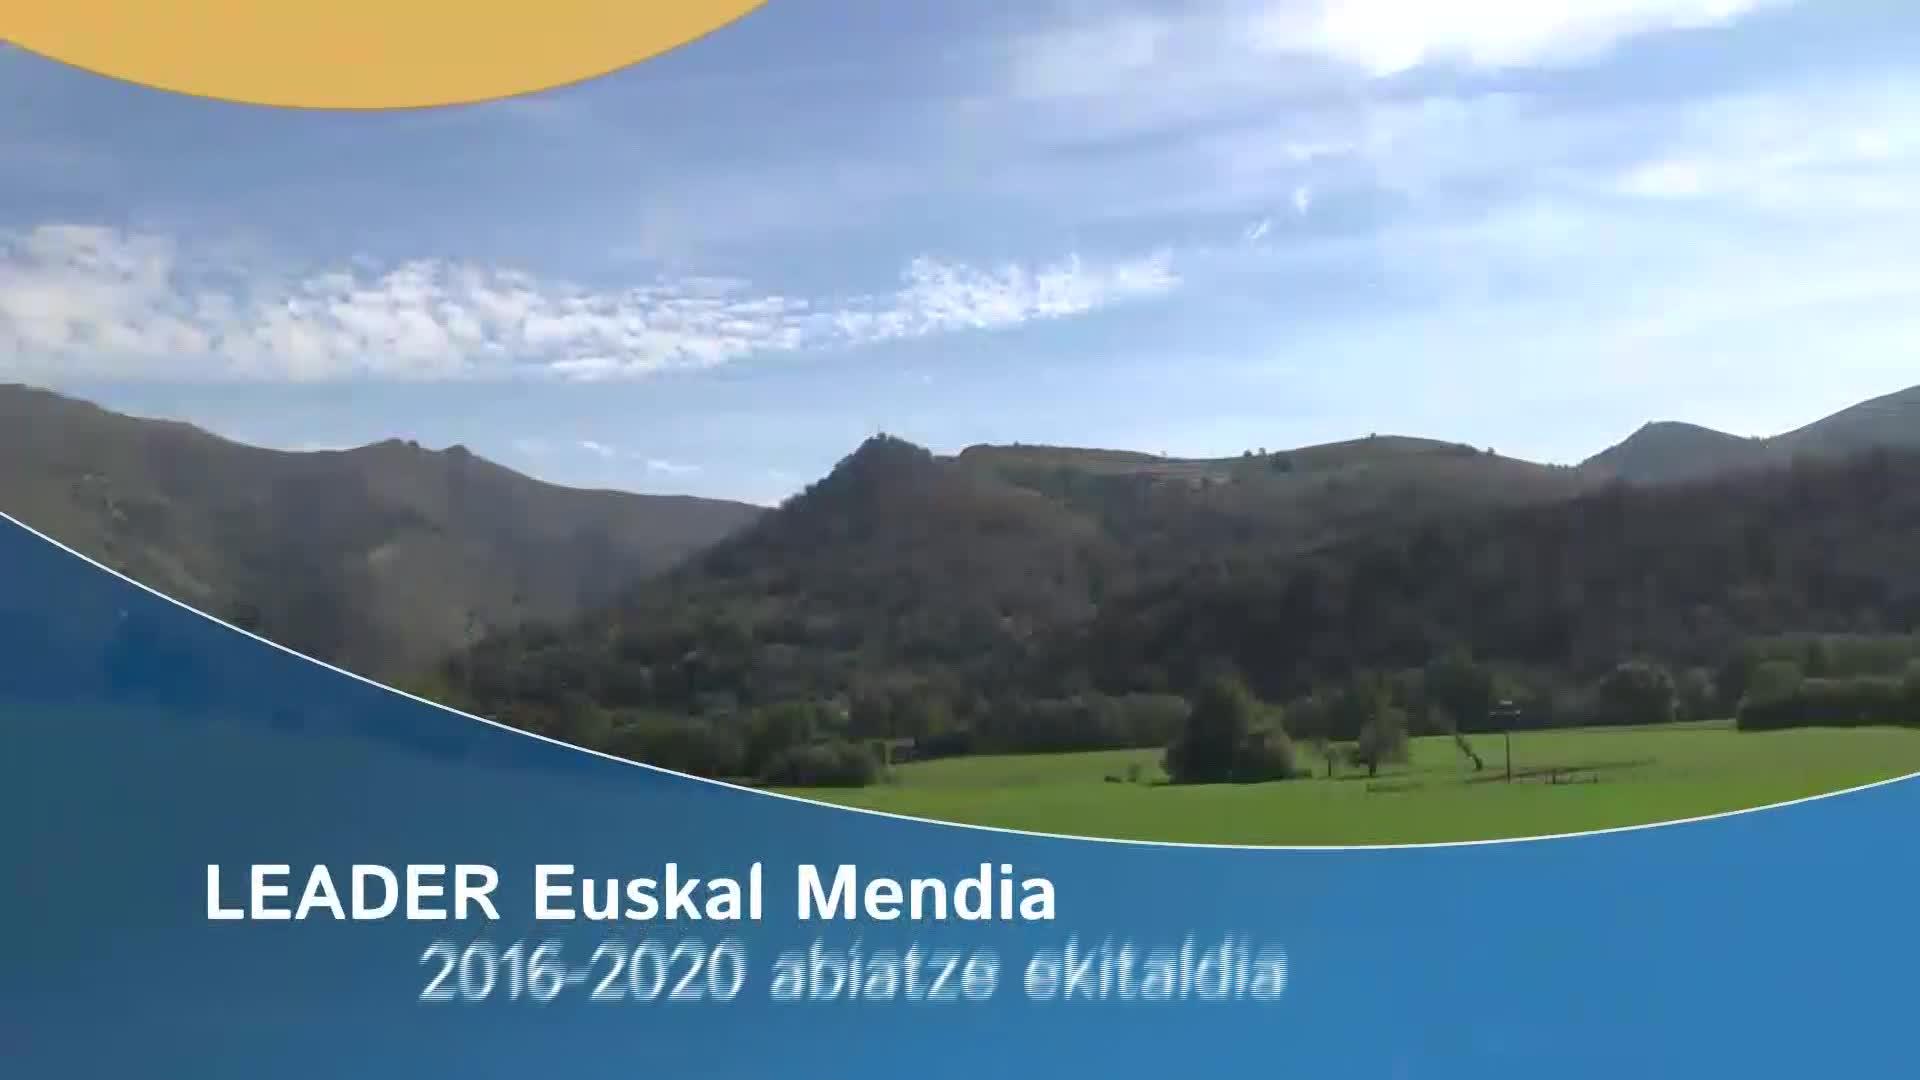 Leader euskal mendia 2016-2020 abiatzea